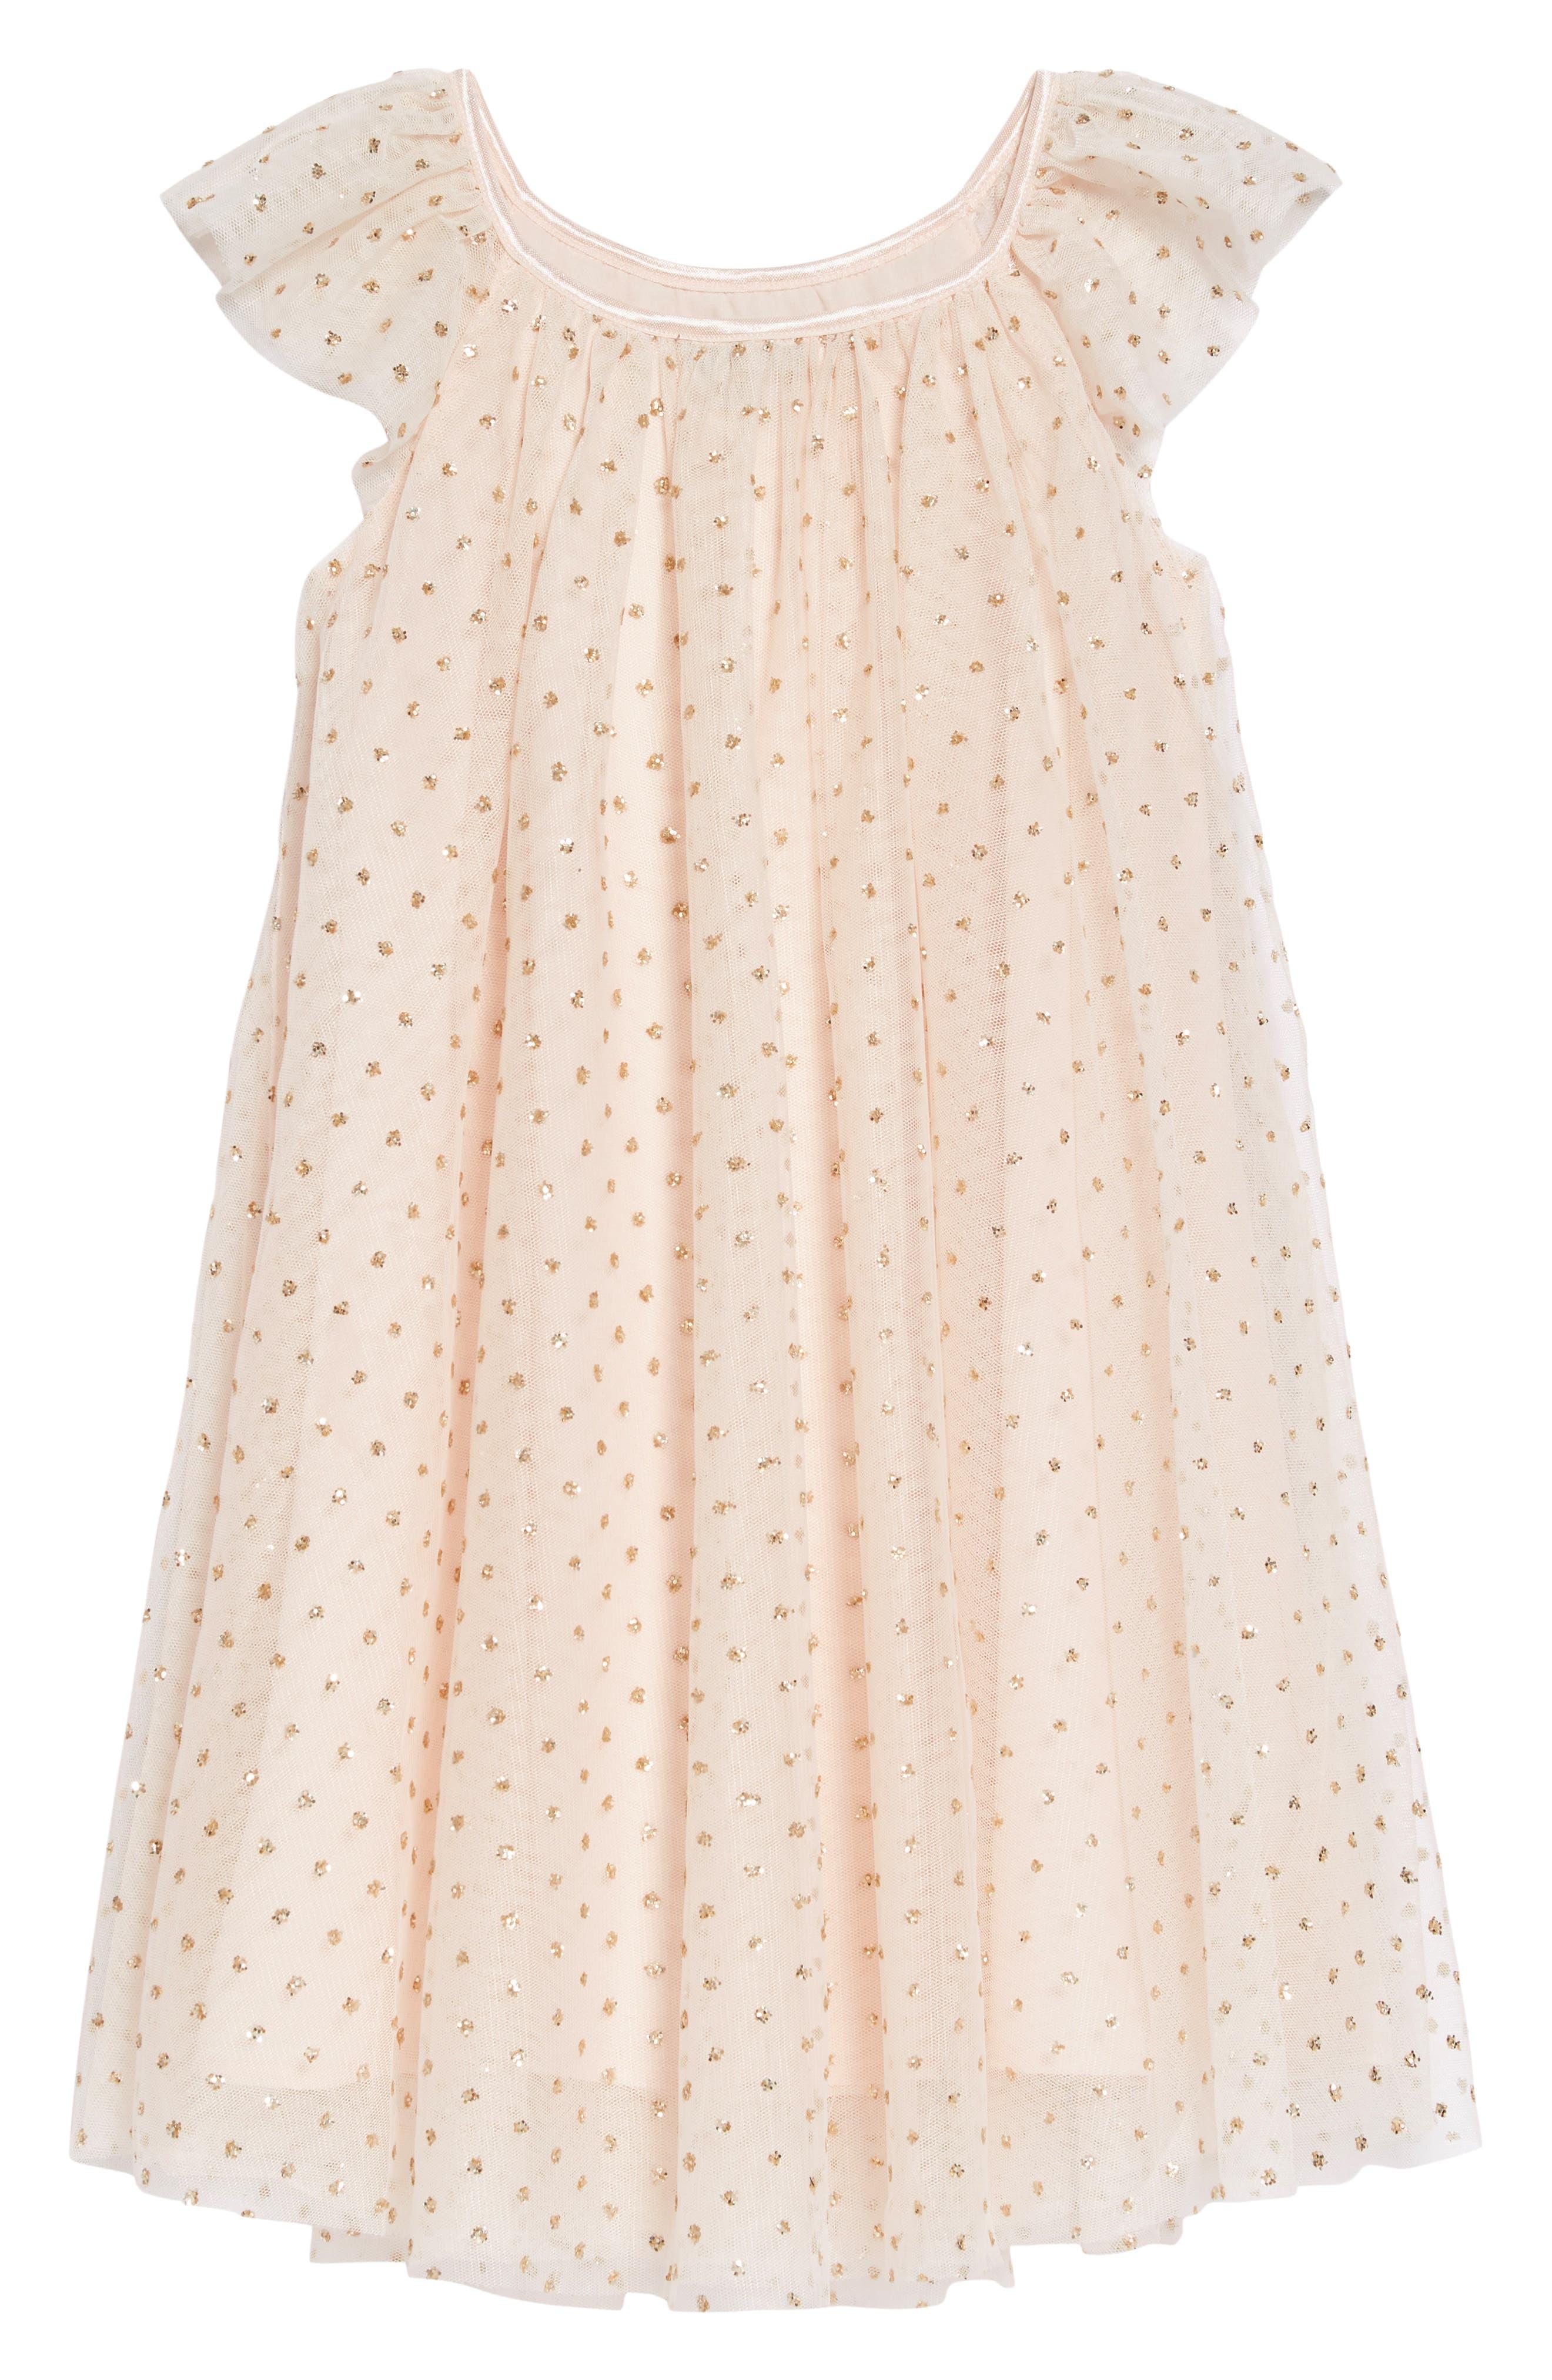 ZUNIE Flutter Sleeve Glitter Dress, Main, color, BLUSH